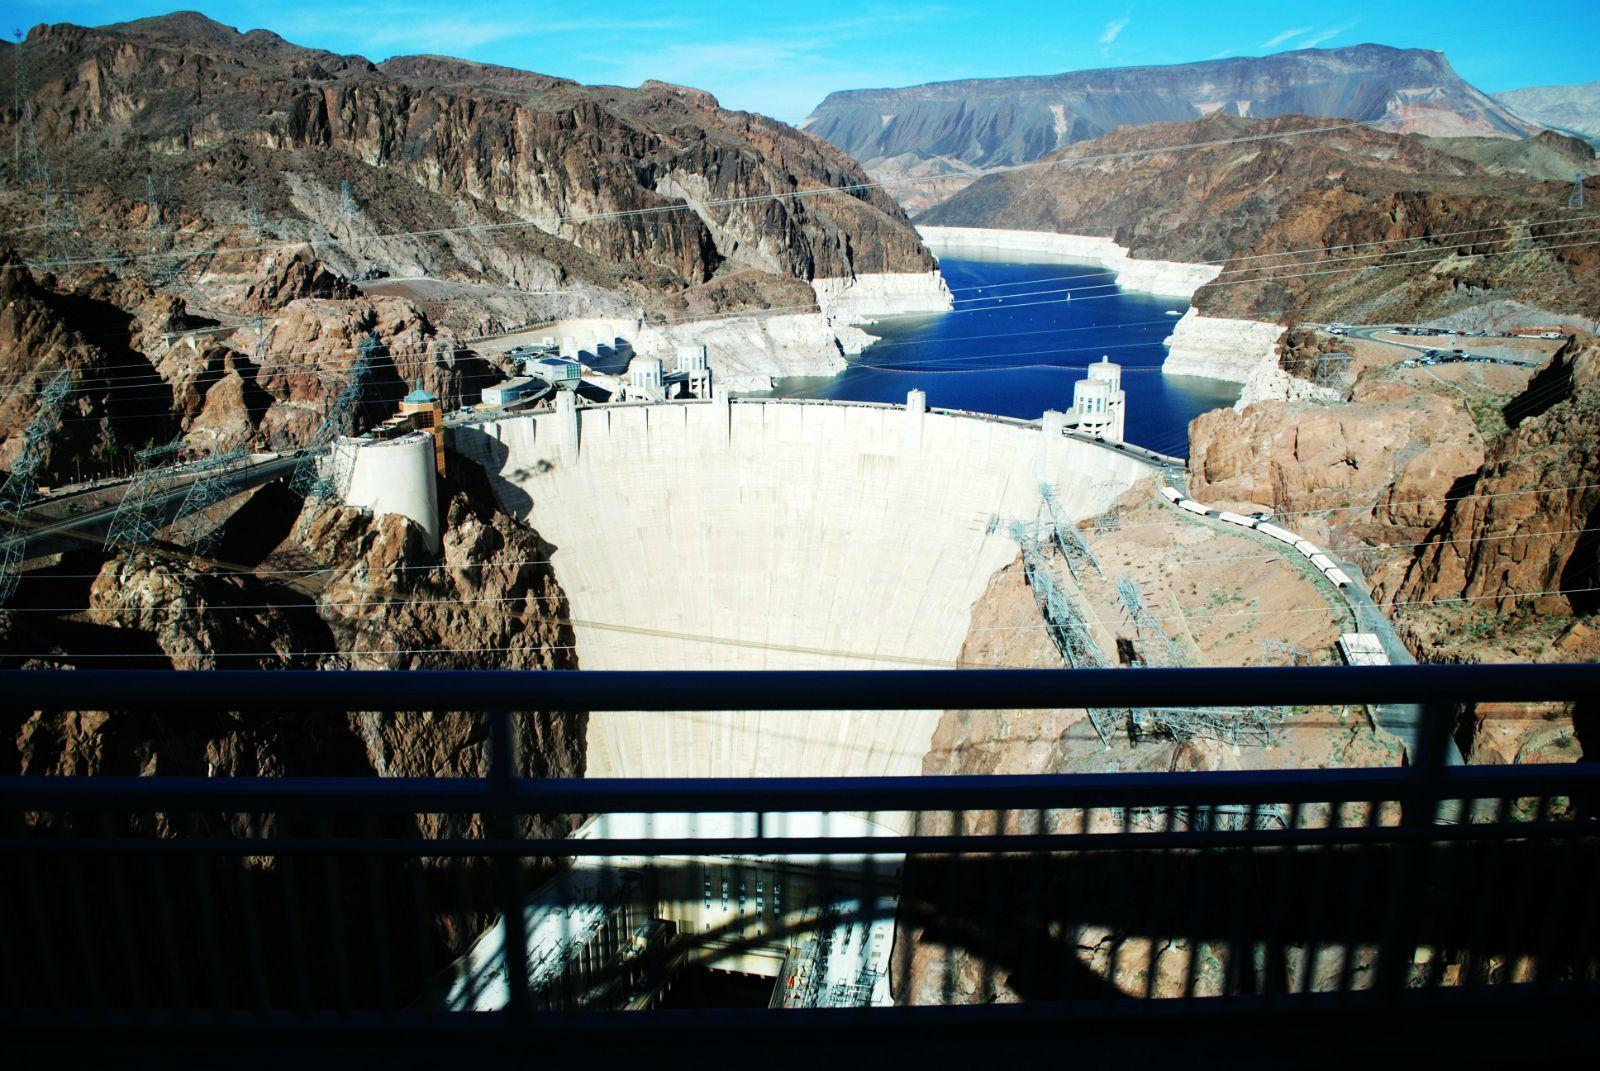 从拉斯维加斯去大峡谷的路上经过胡佛大坝,它具有防洪,灌溉,发电